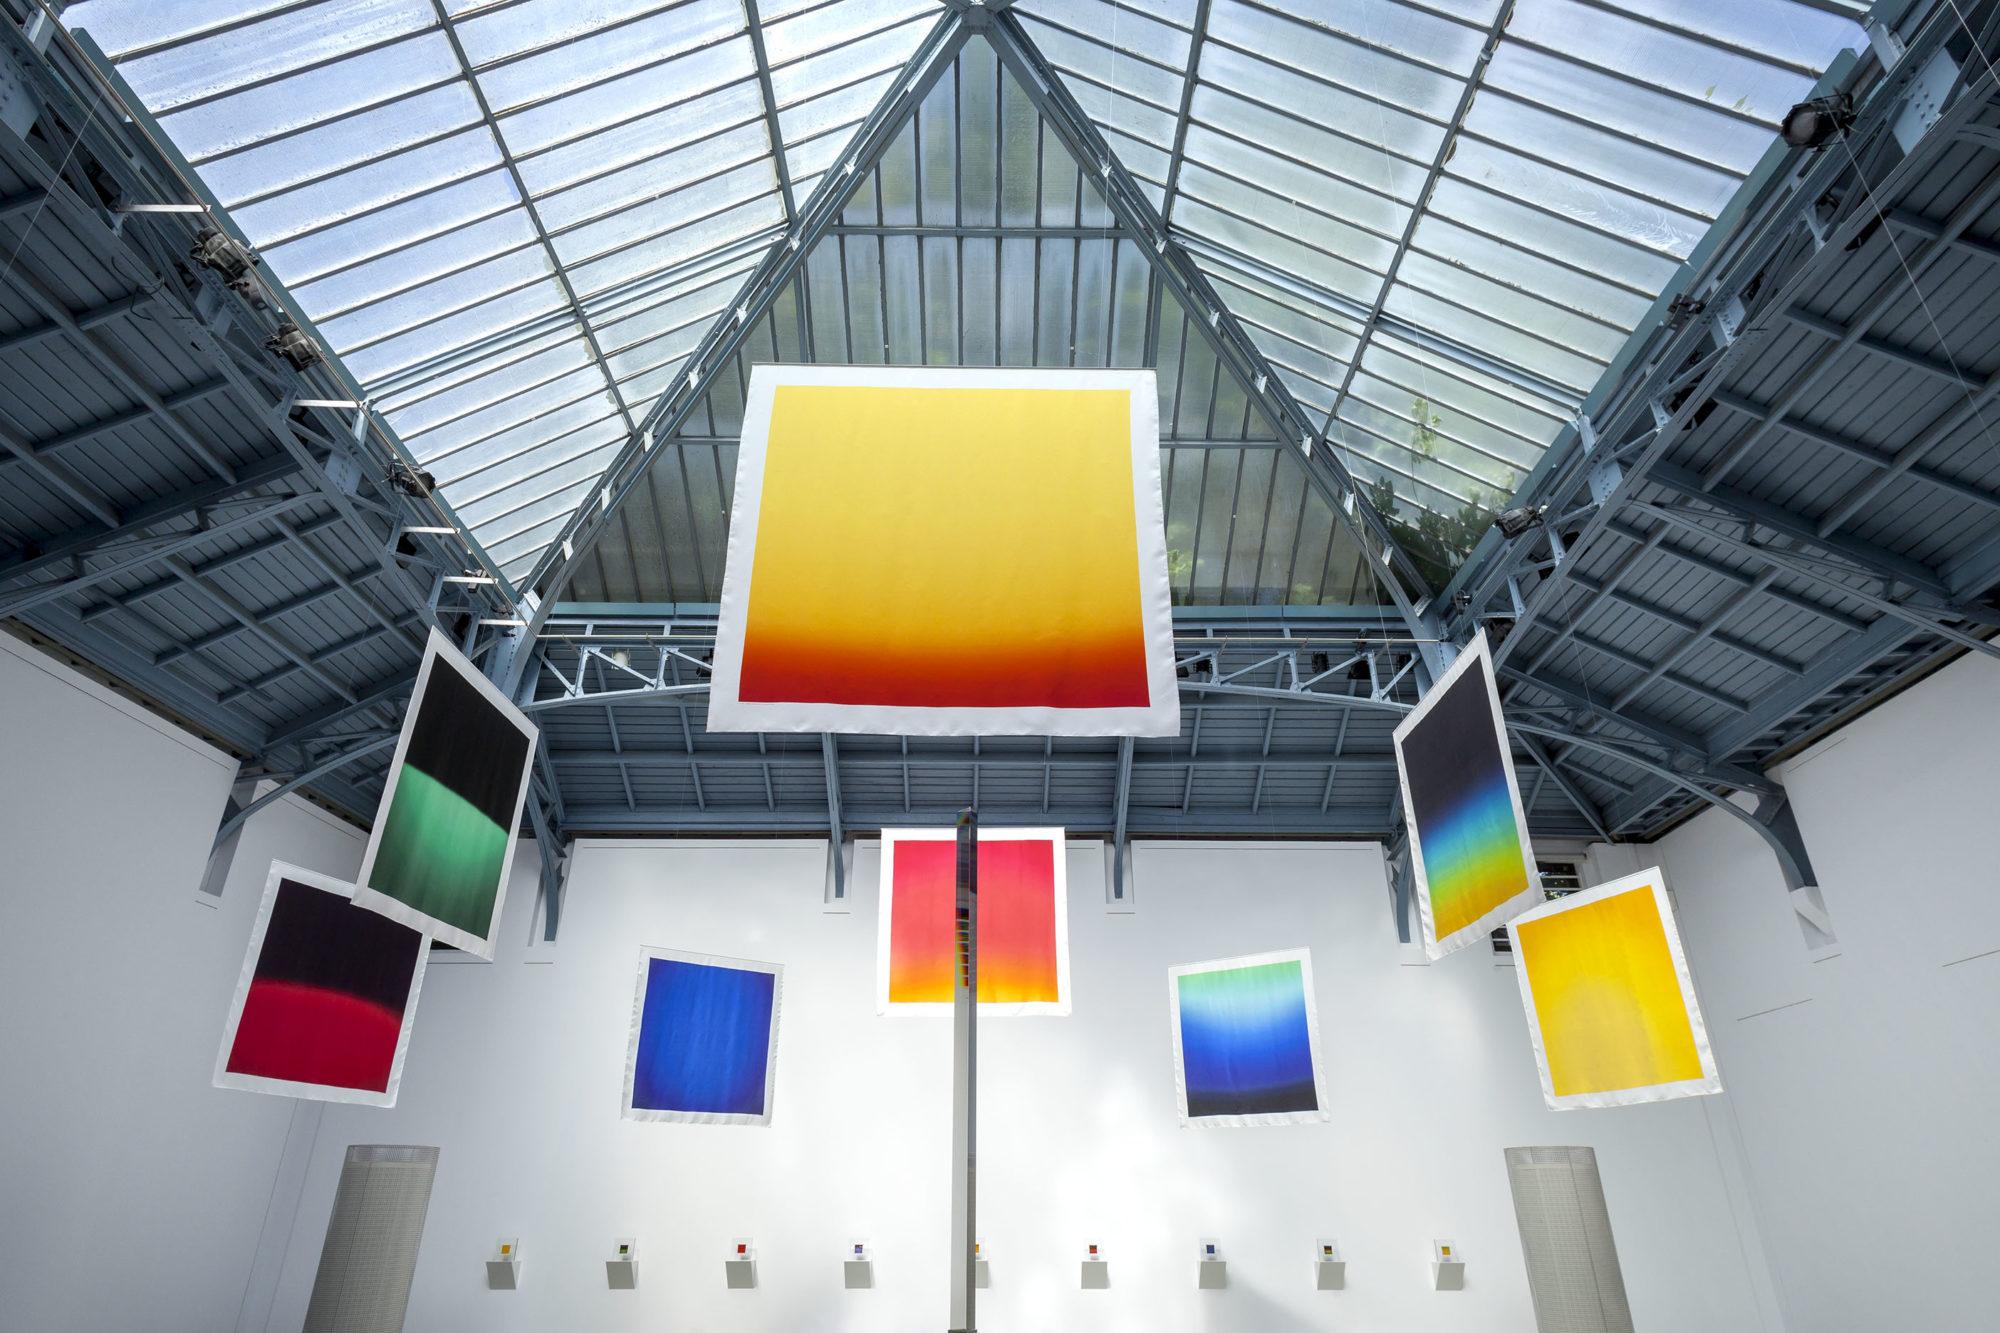 Exposition Hiroshi Sugimoto, La Verrière, Fondation d'entreprise Hermès, 2012